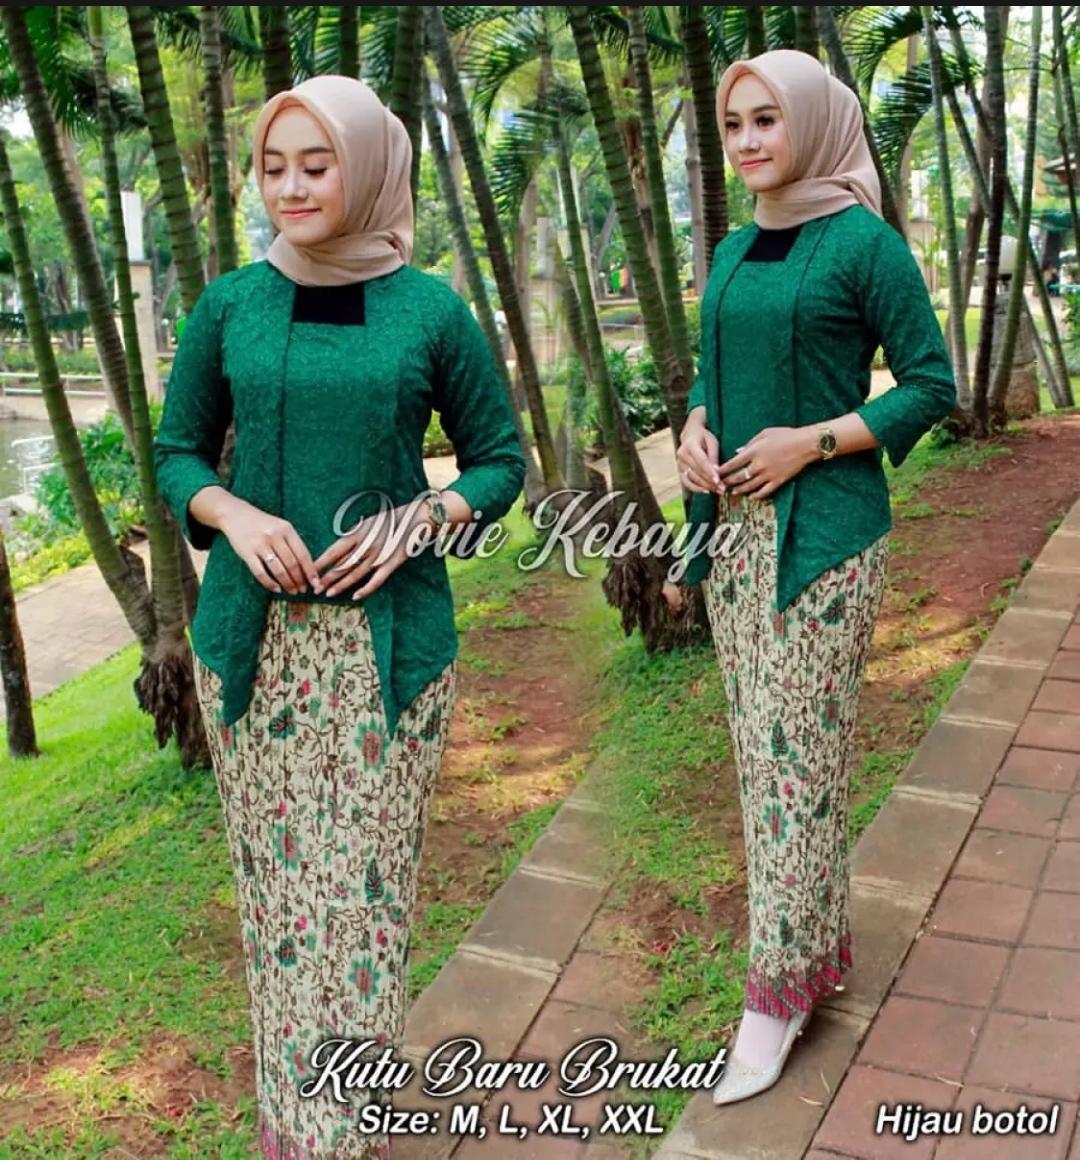 Setelan Kebaya KUTU BARU Brokat Modern Hijab Remaja Style Modis Cantik  BrokatSetelan Pakaian Baju KebayaKebaya Tradisional/Kebaya Wisuda/Kebaya